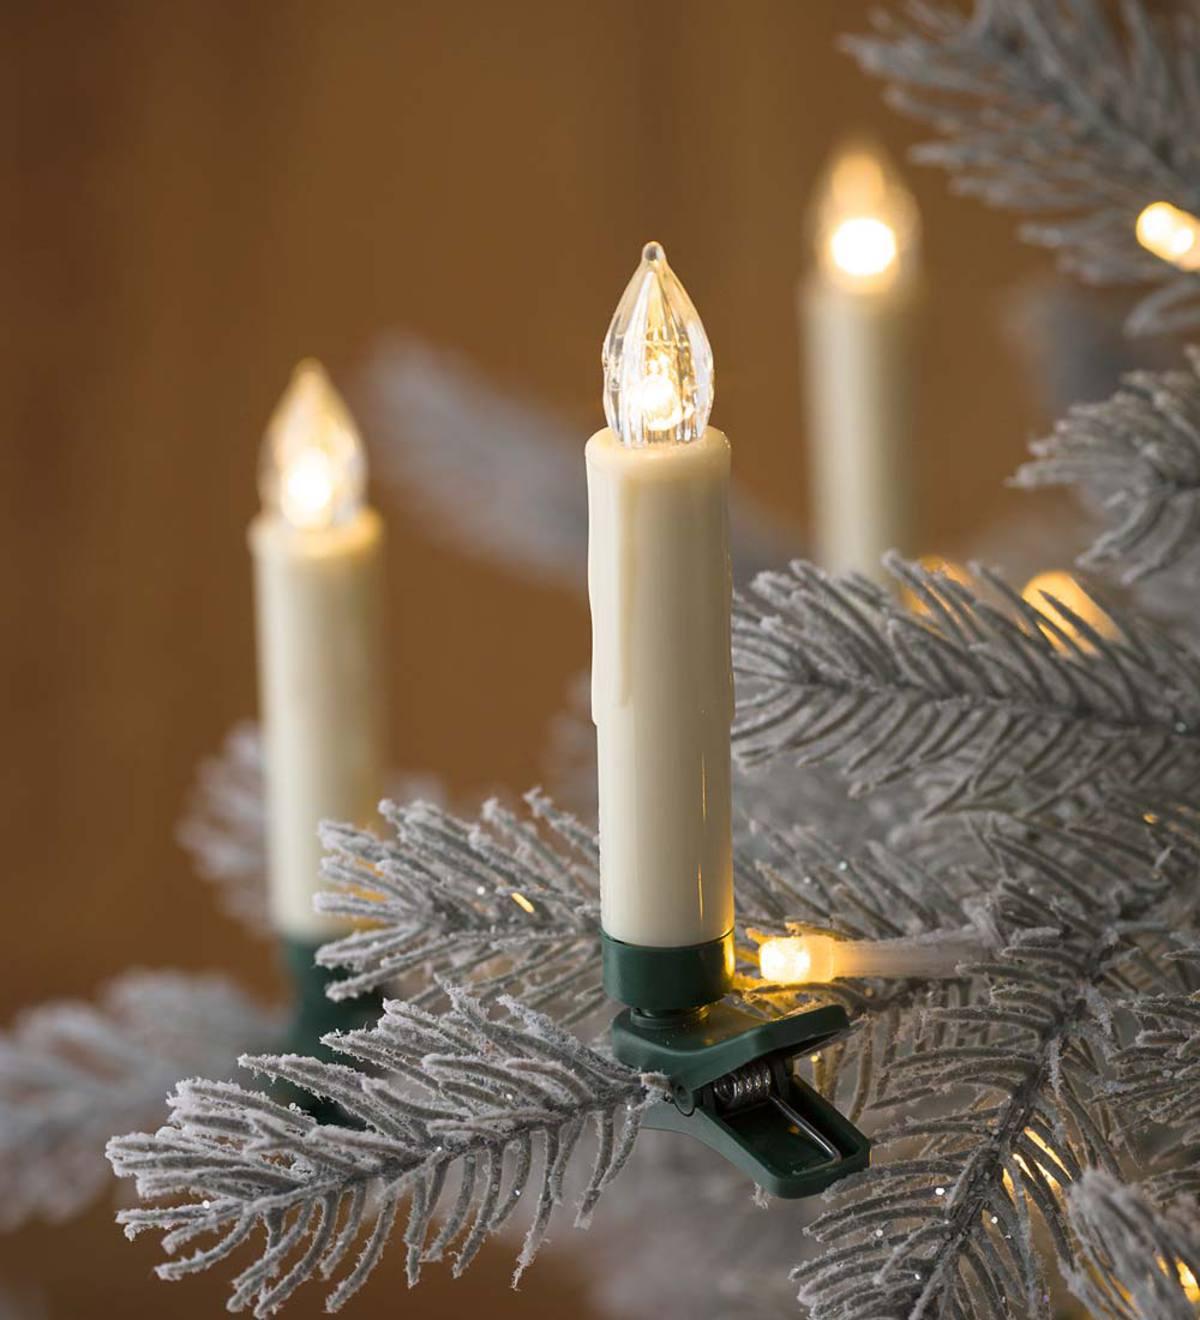 Christmas Tree Made Of Christmas Lights: Clip-On Christmas Tree Candle Lights, Set Of 10